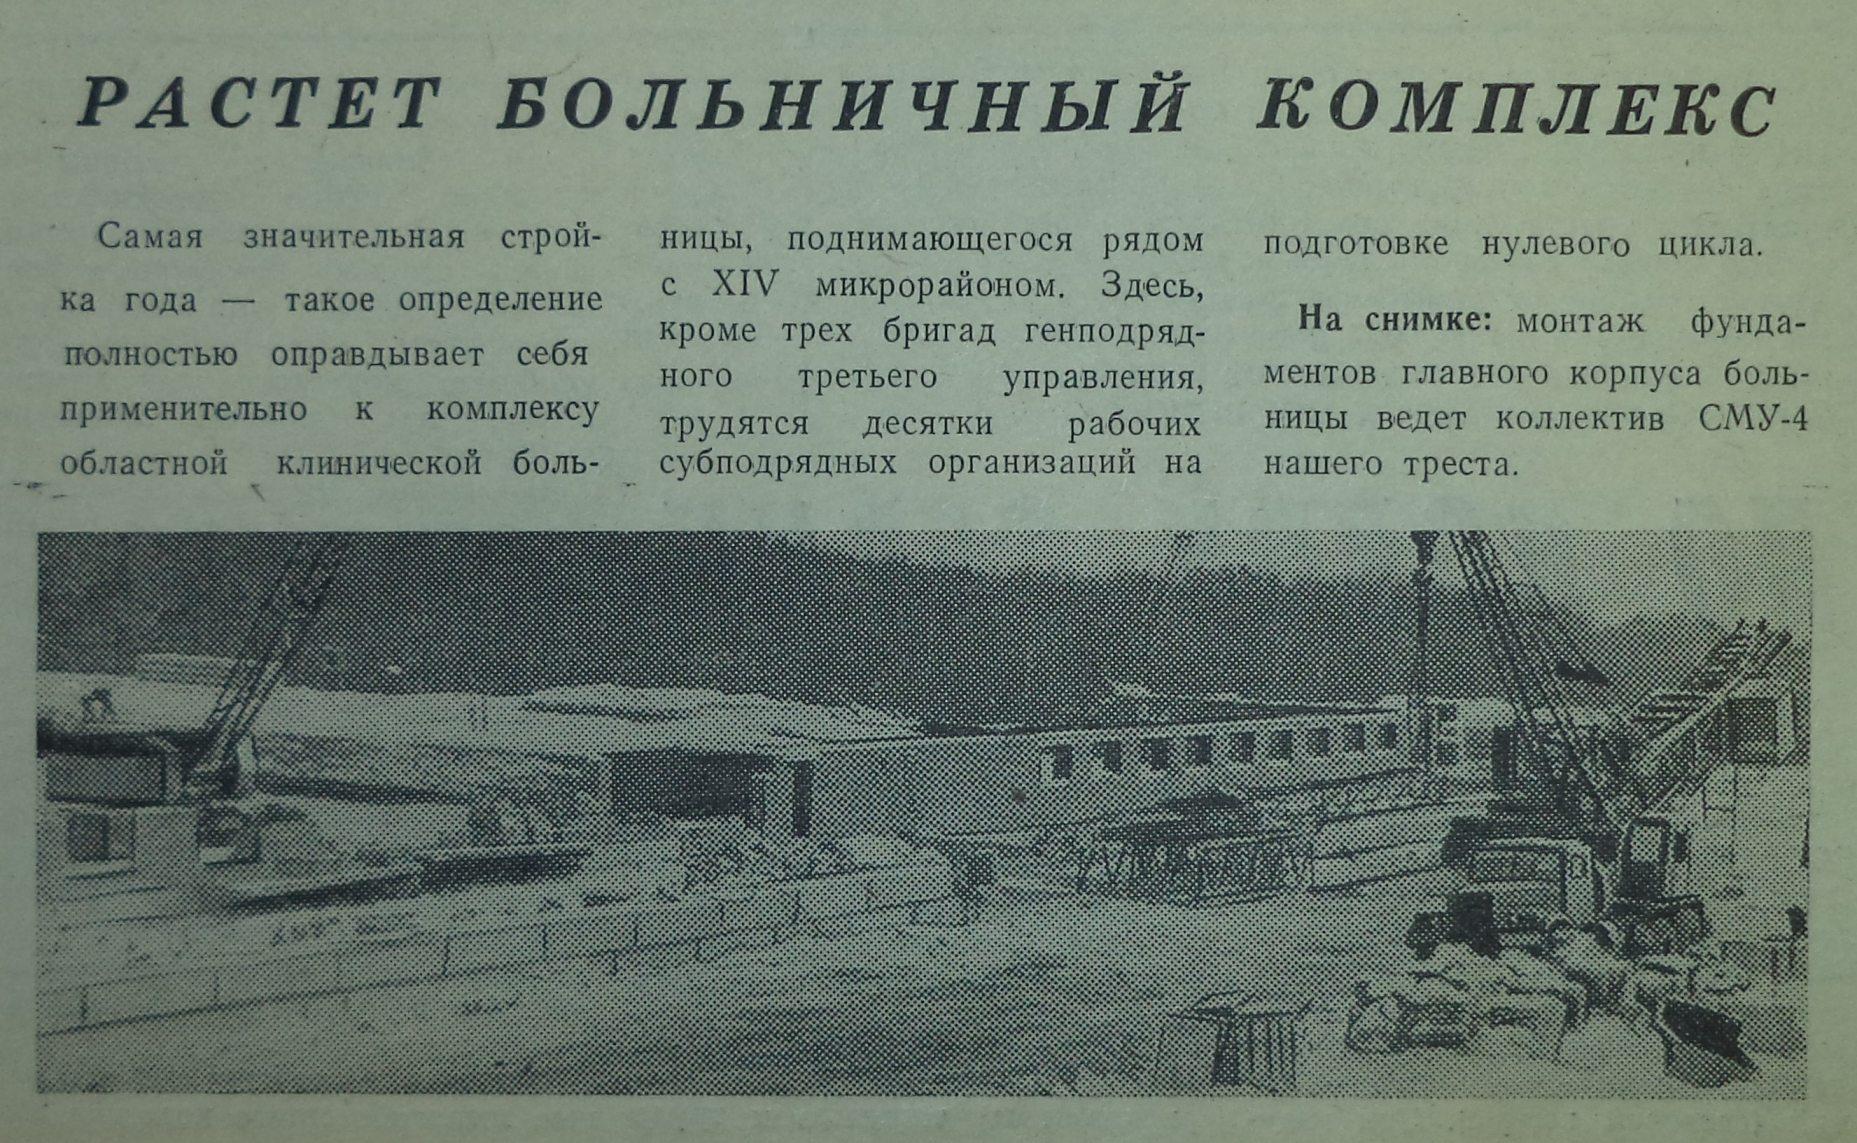 Ташкентская-ФОТО-58-Труд Строителя-1977-17 февраля